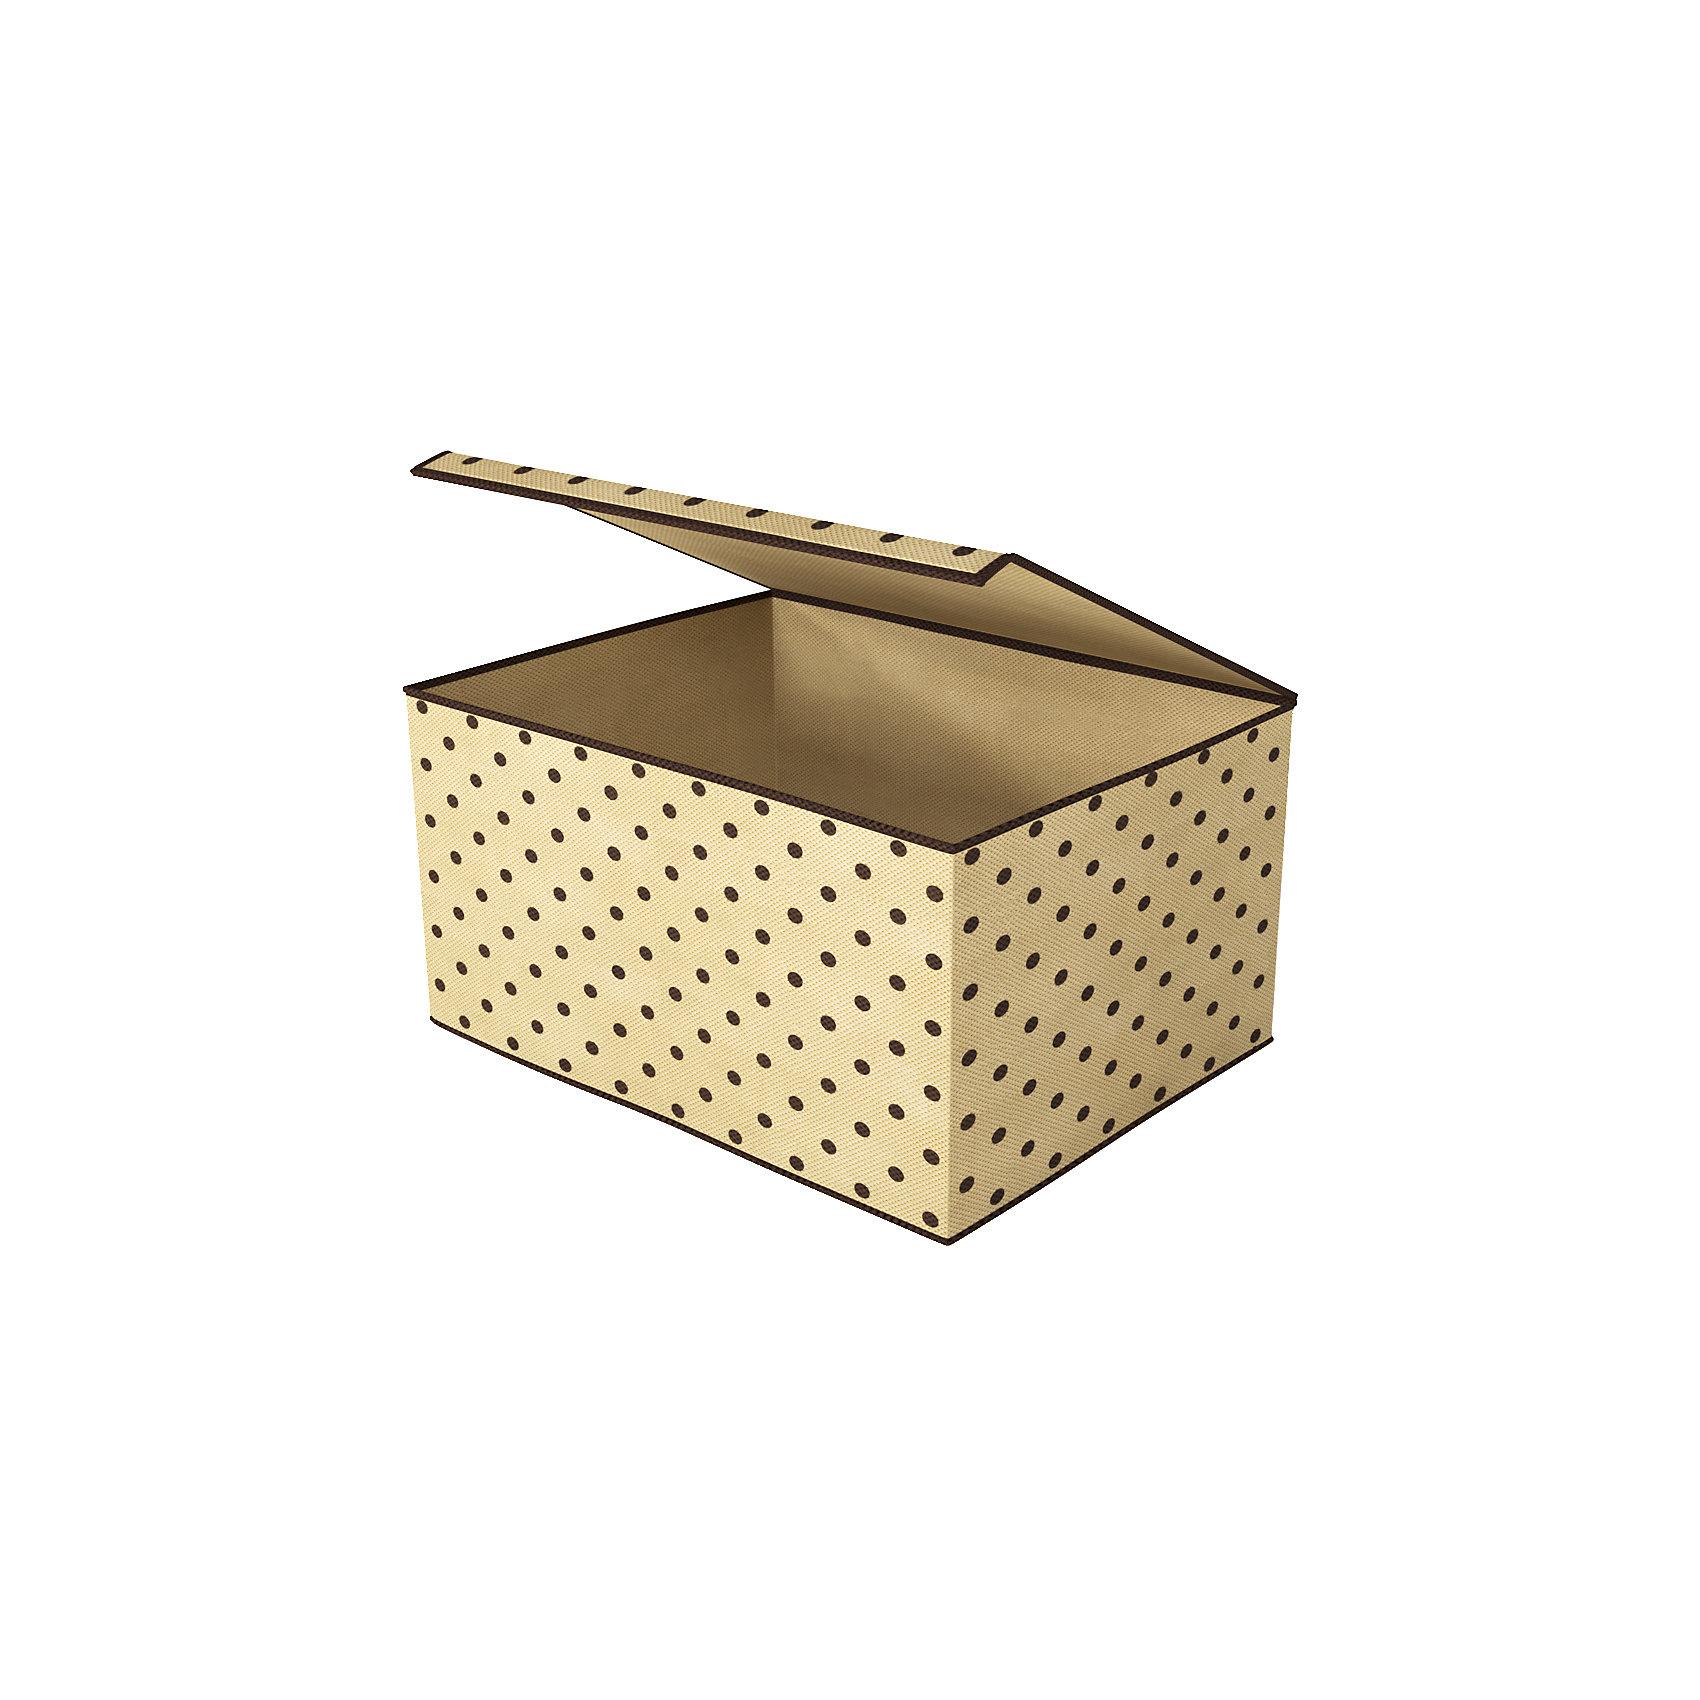 Коробка для хранения вещей с крышкой (25х19х15 см), HomsuПорядок в детской<br>Характеристики товара:<br><br>• цвет: бежевый<br>• материал: полиэстер, картон<br>• размер: 5х19х15 см<br>• вес: 200 г<br>• легкий прочный каркас<br>• есть крышка<br>• вместимость: 1 отделение<br>• страна бренда: Россия<br>• страна изготовитель: Китай<br><br>Коробка для хранения вещей с крышкой (38х25х30 см) от бренда Homsu (Хомсу) - очень удобная вещь для хранения вещей и эргономичной организации пространства.<br><br>Предмет легкий, устойчивый, вместительный, крышка защищает вещи от пыли.<br><br>Коробку для хранения вещей с крышкой (5х19х15 см), Homsu можно купить в нашем интернет-магазине.<br><br>Ширина мм: 250<br>Глубина мм: 190<br>Высота мм: 20<br>Вес г: 200<br>Возраст от месяцев: 216<br>Возраст до месяцев: 1188<br>Пол: Унисекс<br>Возраст: Детский<br>SKU: 5620091